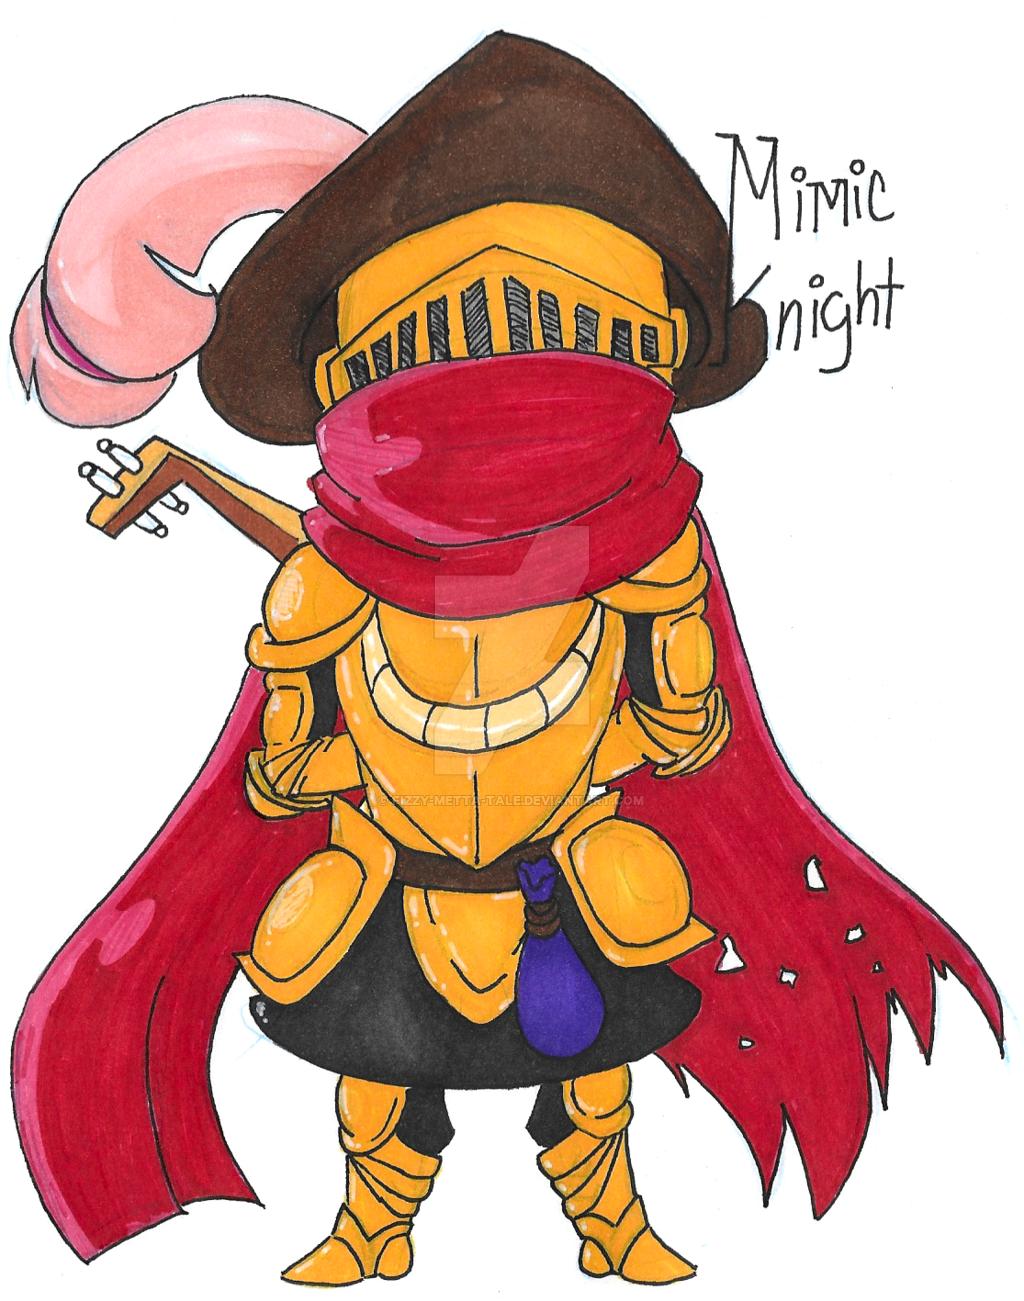 Mimic Knight by FizzyBubbleTea